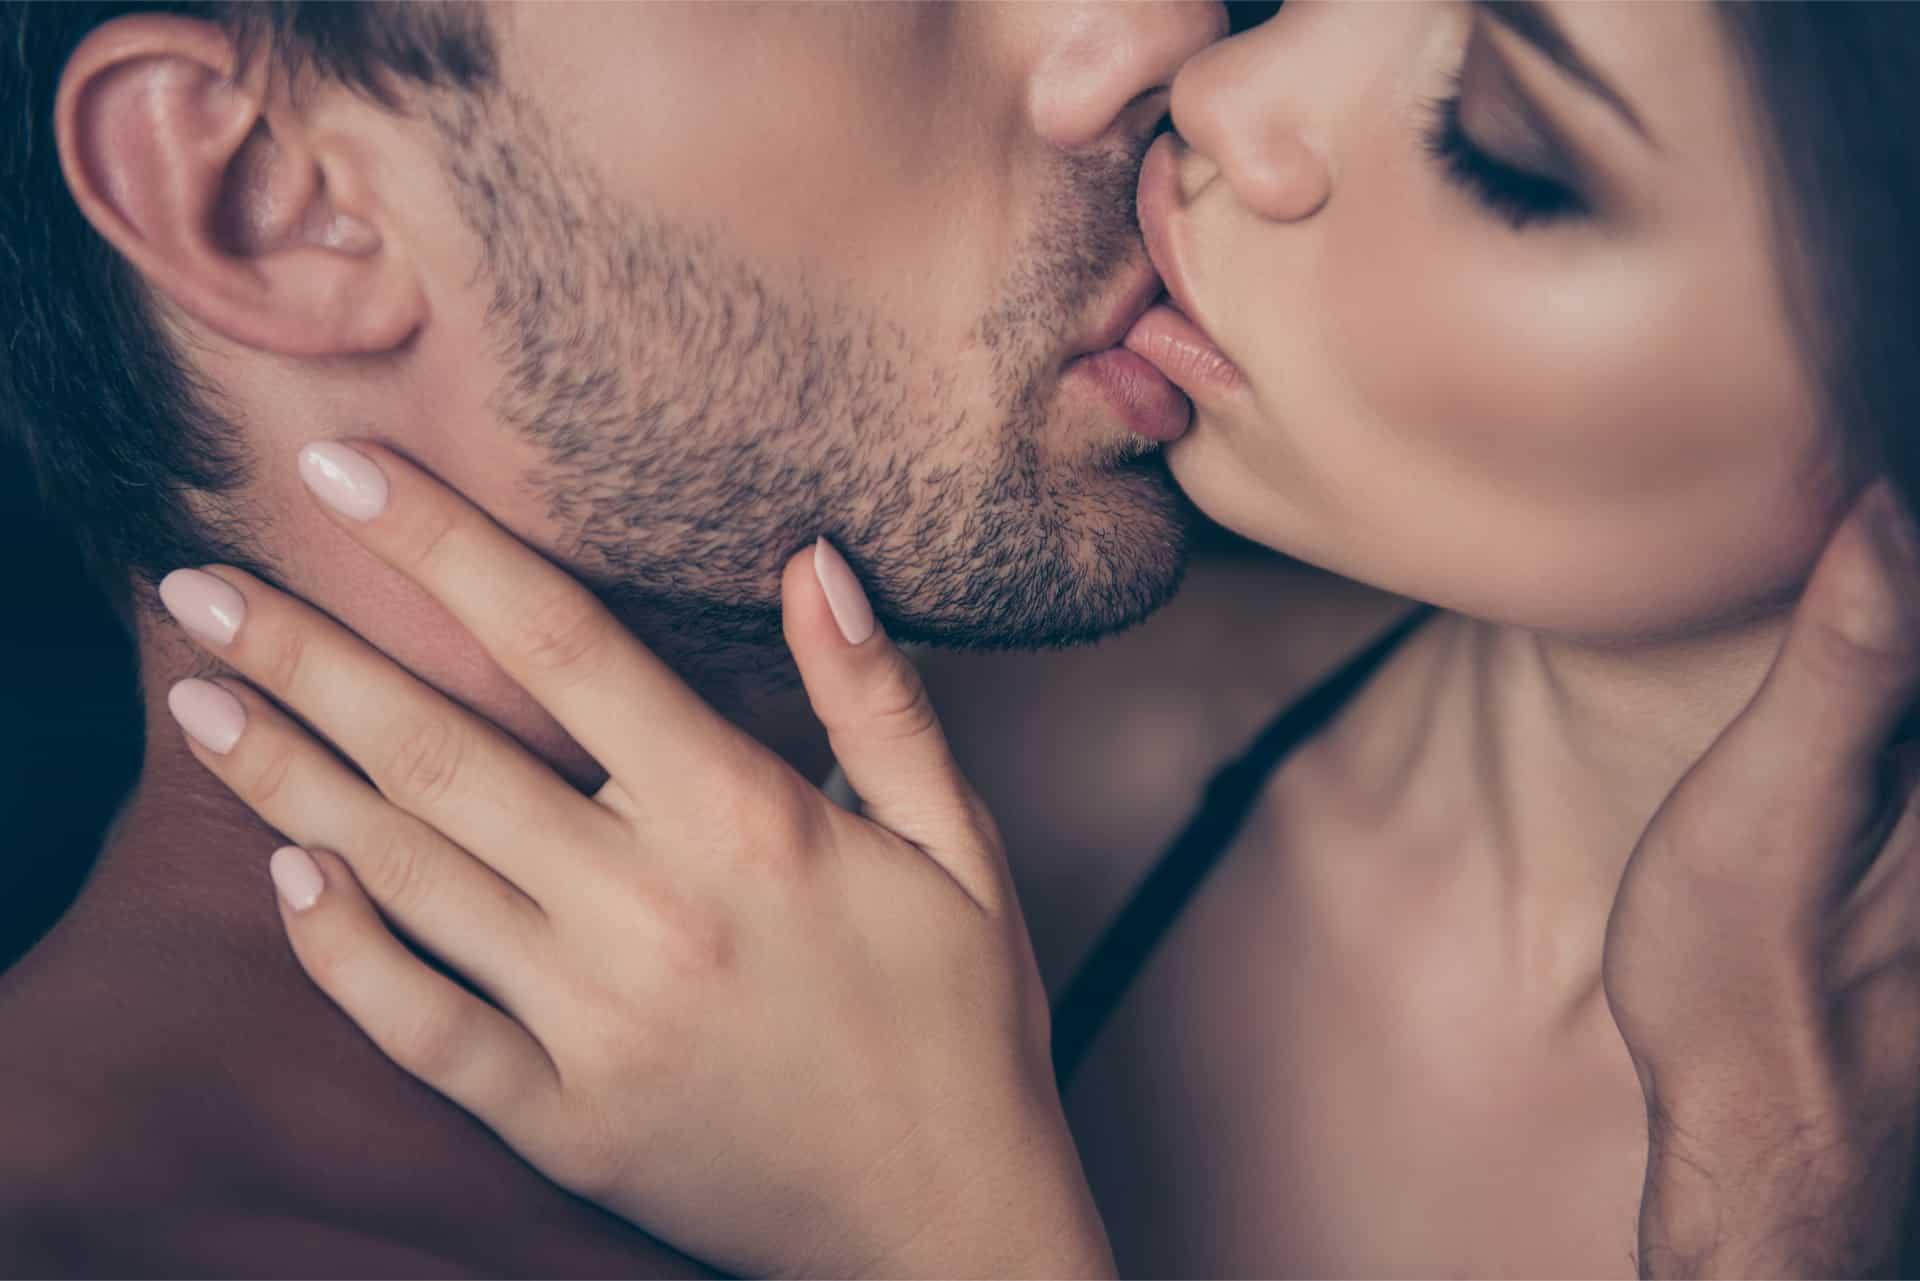 homme et femme s'embrassant passionnément